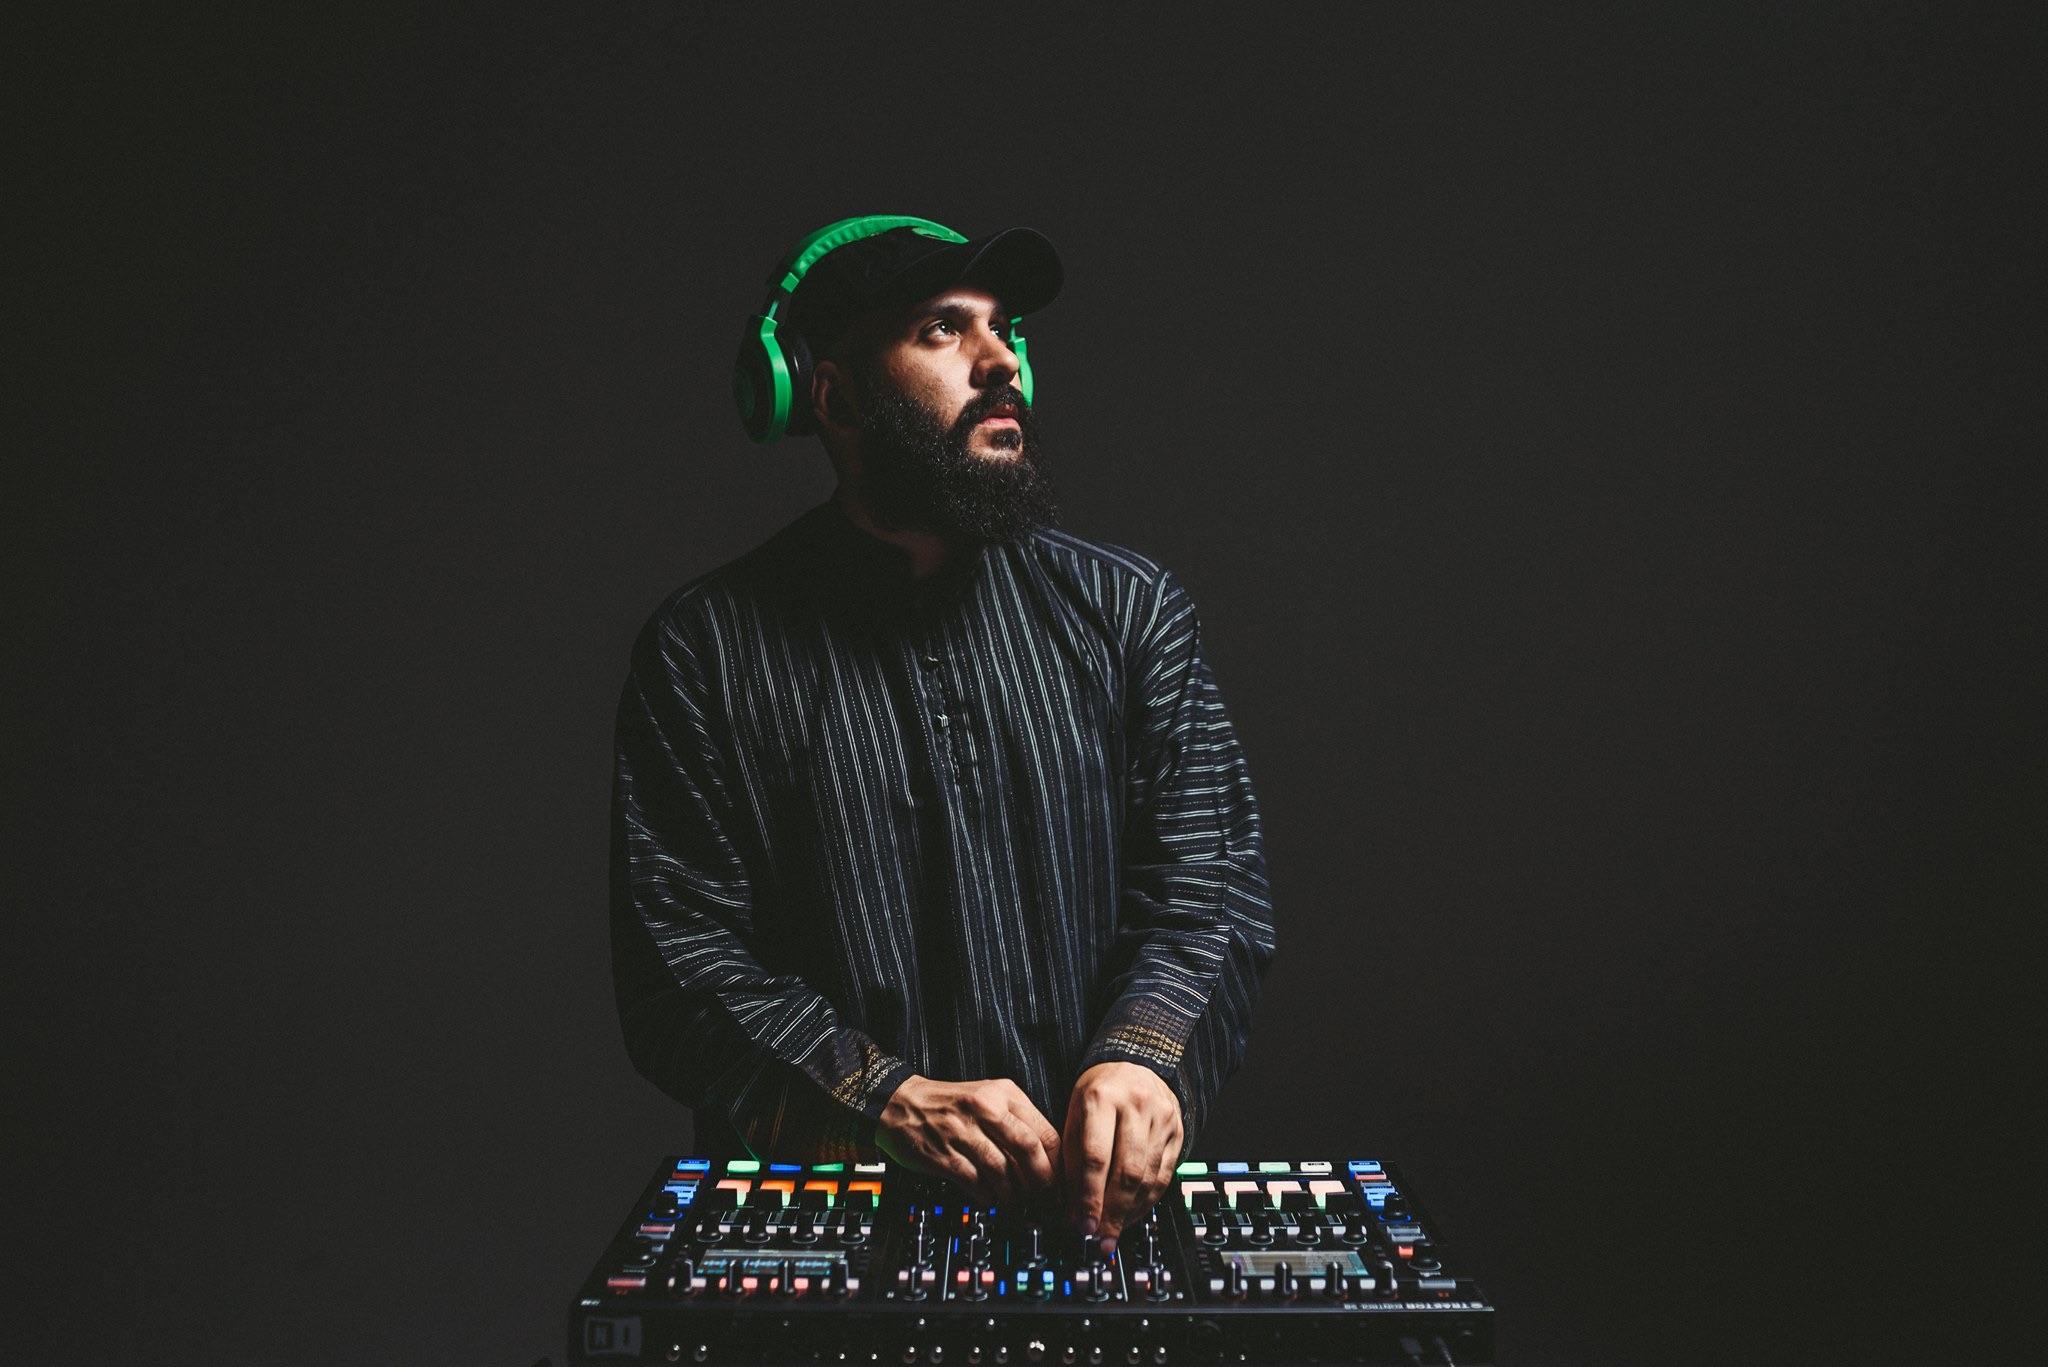 DJ Nightvisionnn